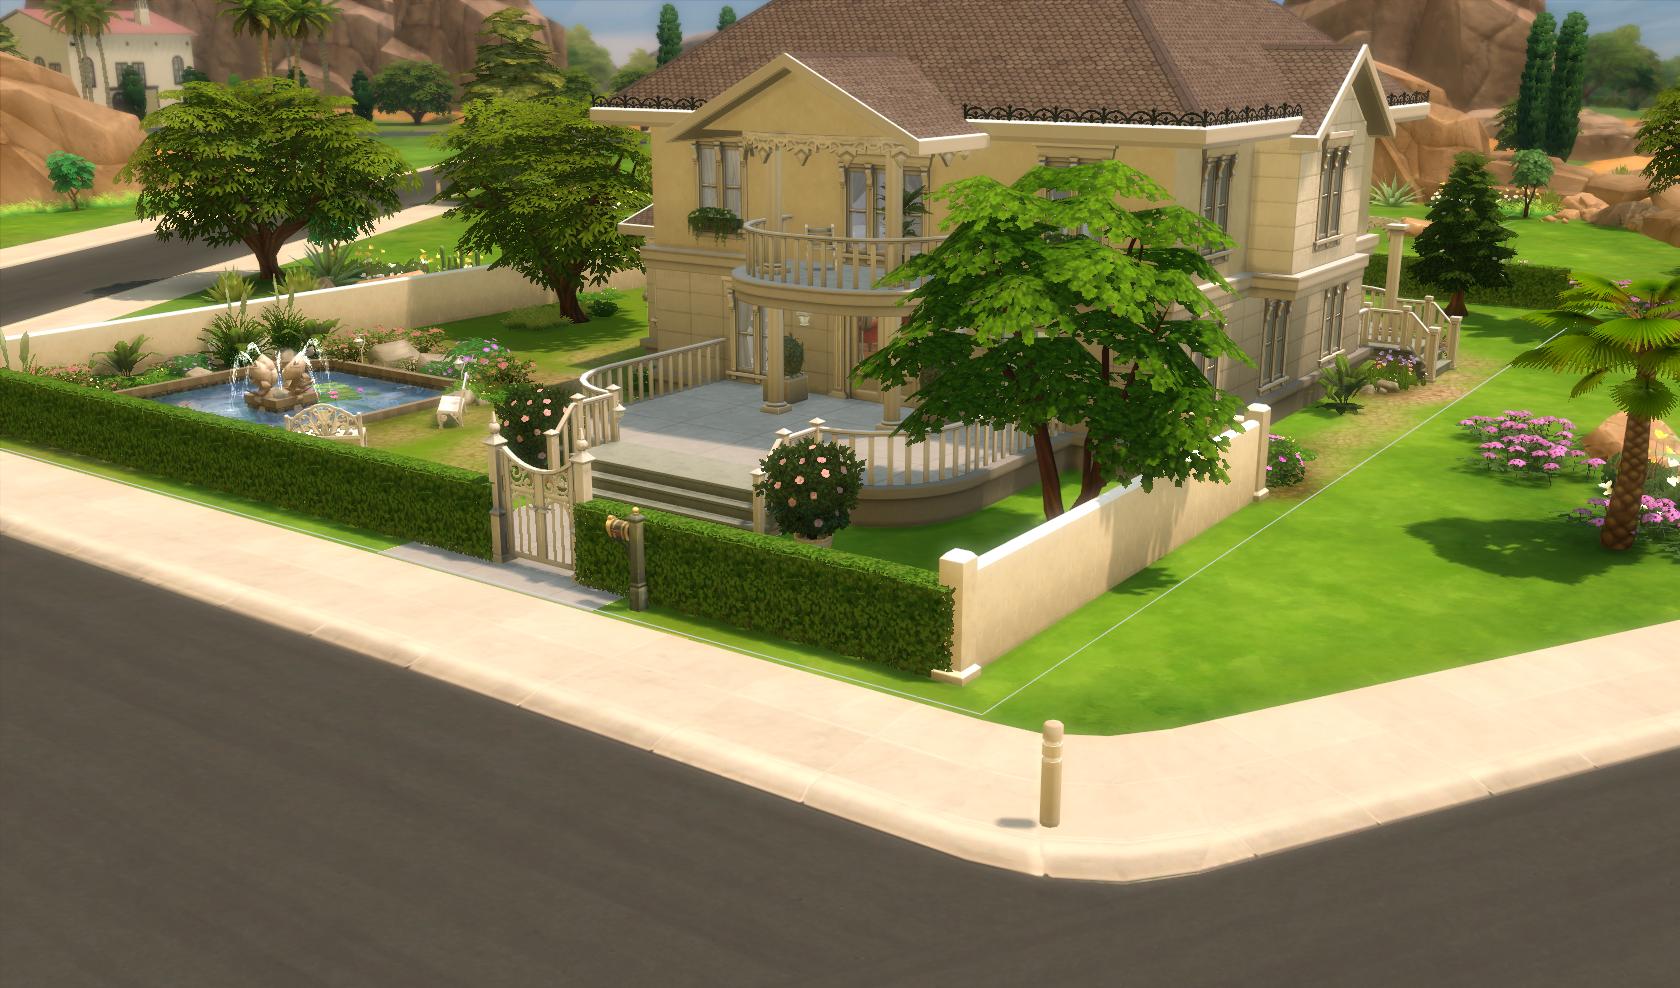 Sims 2 sims 3 sims 4 les maisons de dom page 7 for Construire une maison sims 3 xbox 360